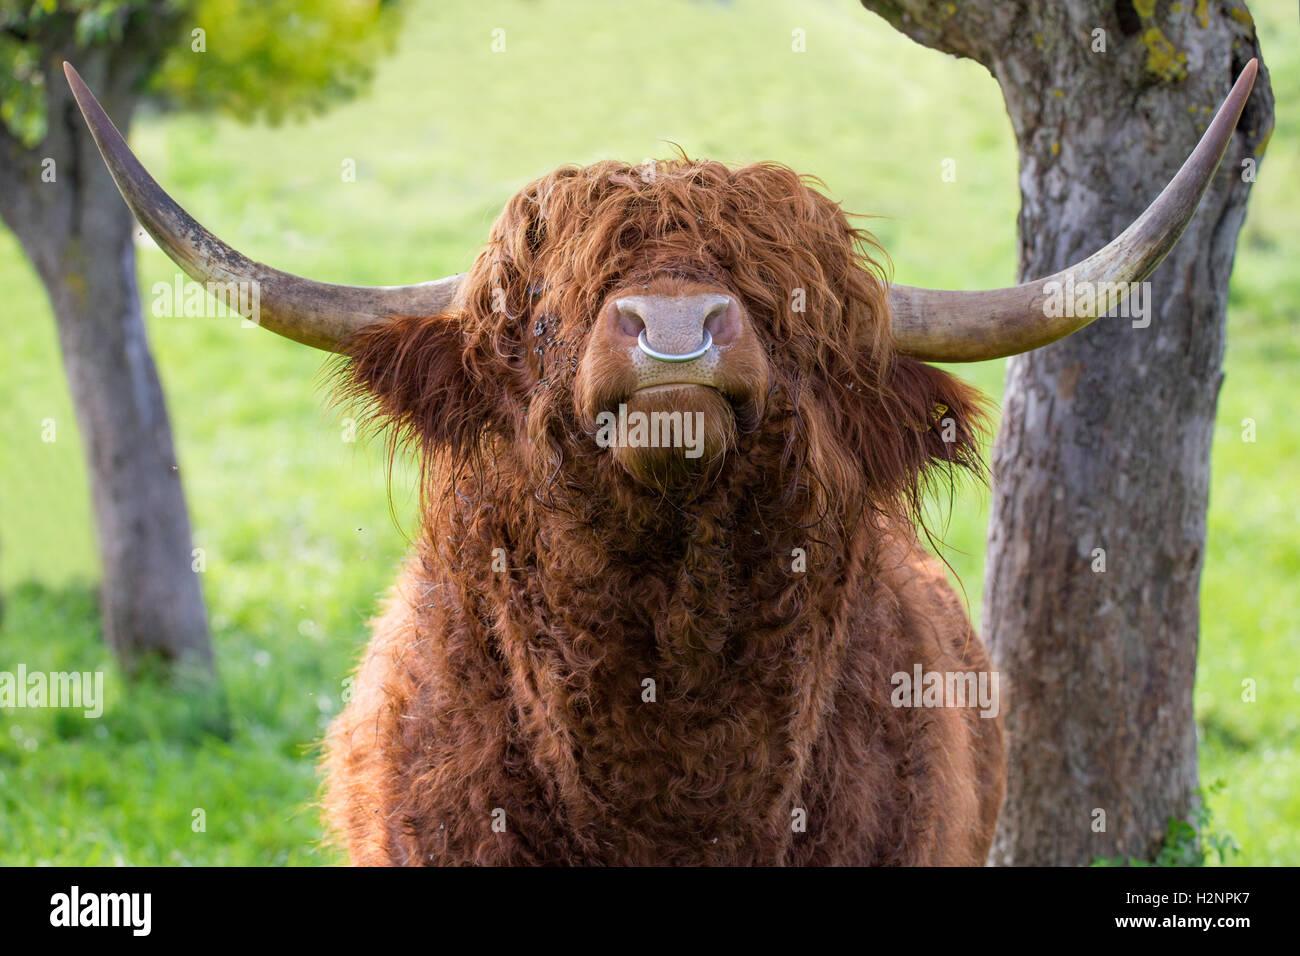 Close up of quitte bull Highland cattle avec fer anneau dans le nez. Banque D'Images